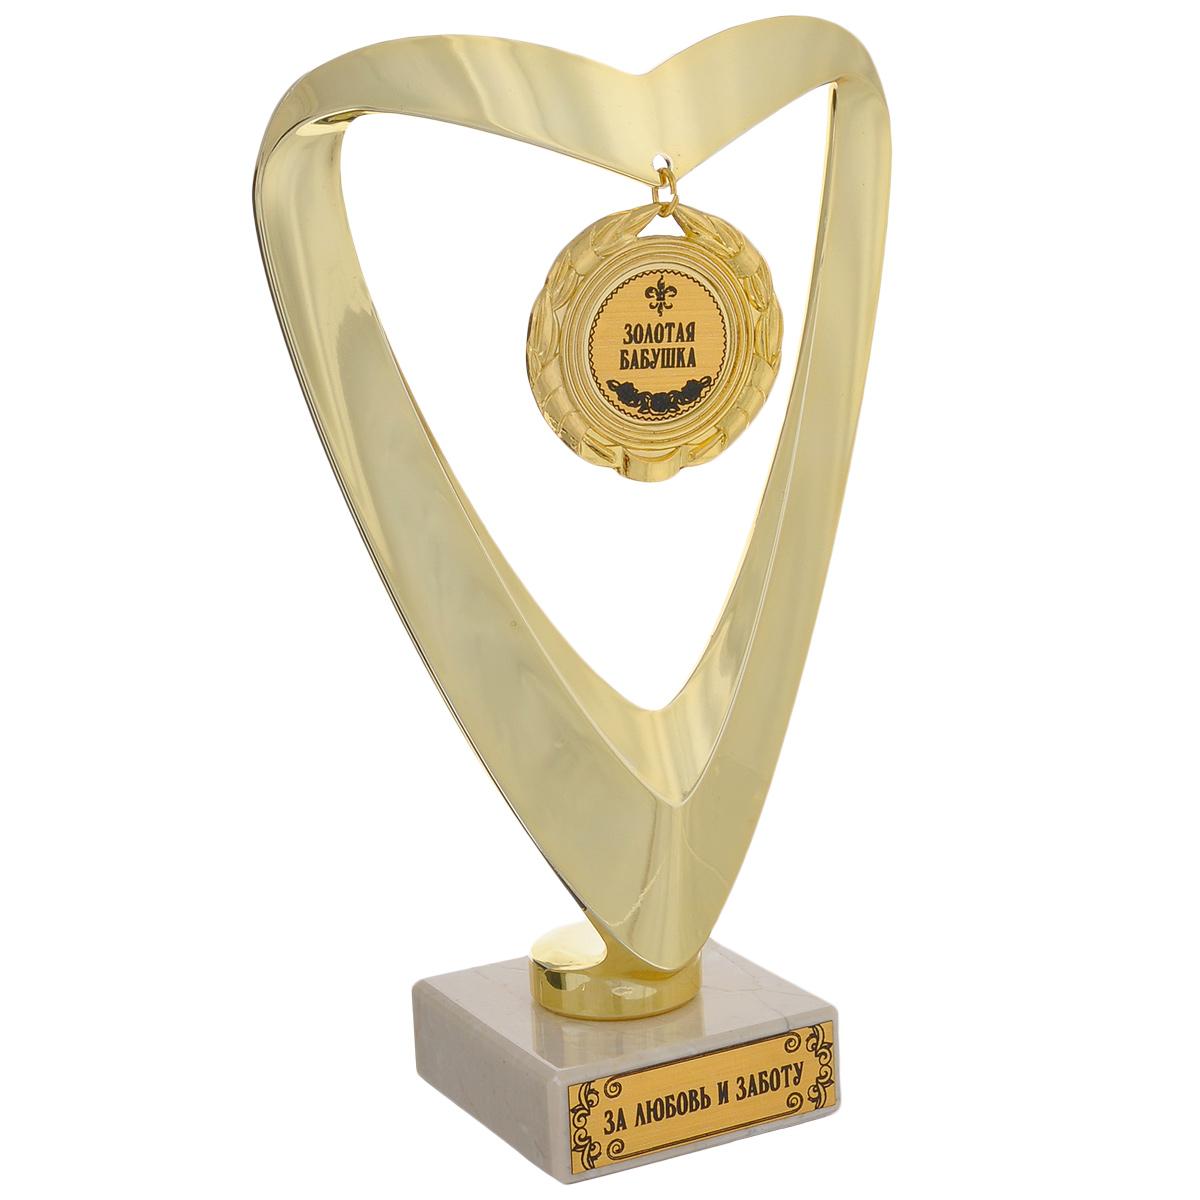 Кубок Сердце. Золотая бабушка, высота 18,5 см12723Кубок Сердце. Золотая бабушка станет замечательным сувениром. Кубок выполнен из пластика с золотистым покрытием. Основание изготовлено из искусственного мрамора. Кубок имеет форму сердца, декорированного металлической подвеской с надписью Золотая бабушка. Основание оформлено надписью За любовь и заботу. Такой кубок обязательно порадует получателя, вызовет улыбку и массу положительных эмоций.